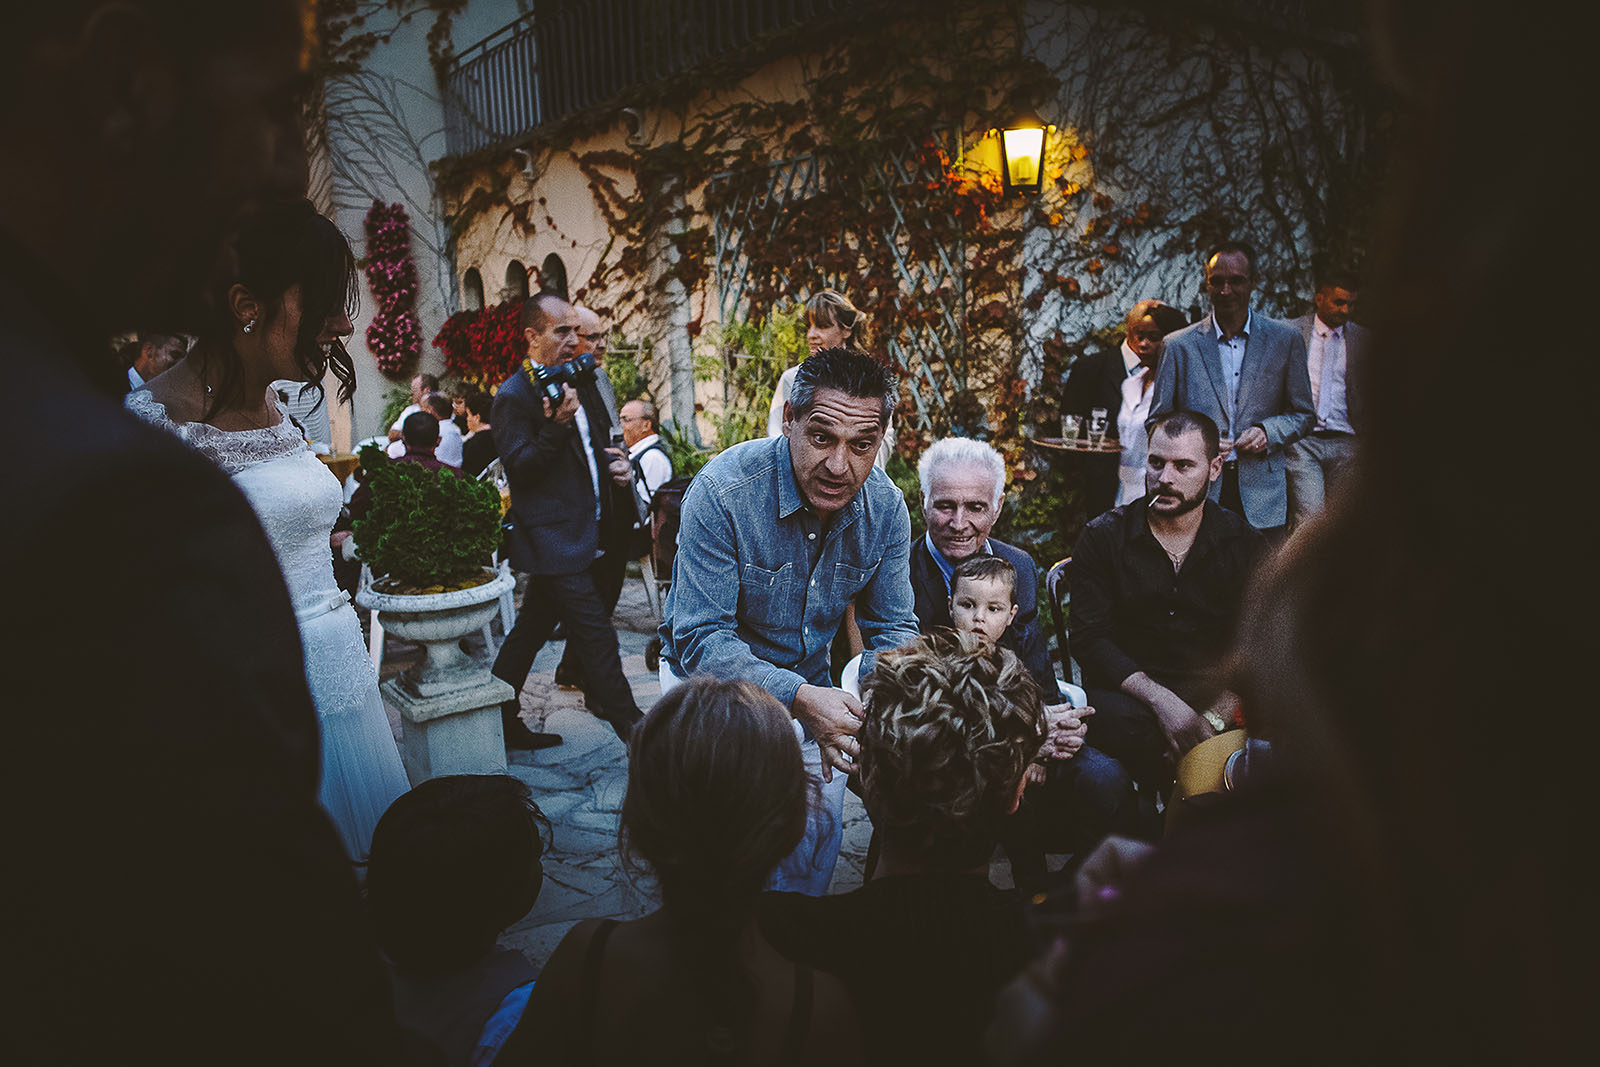 Mariage Villa Quélude David Pommier photographe de mariage. Le spectacle de magicien